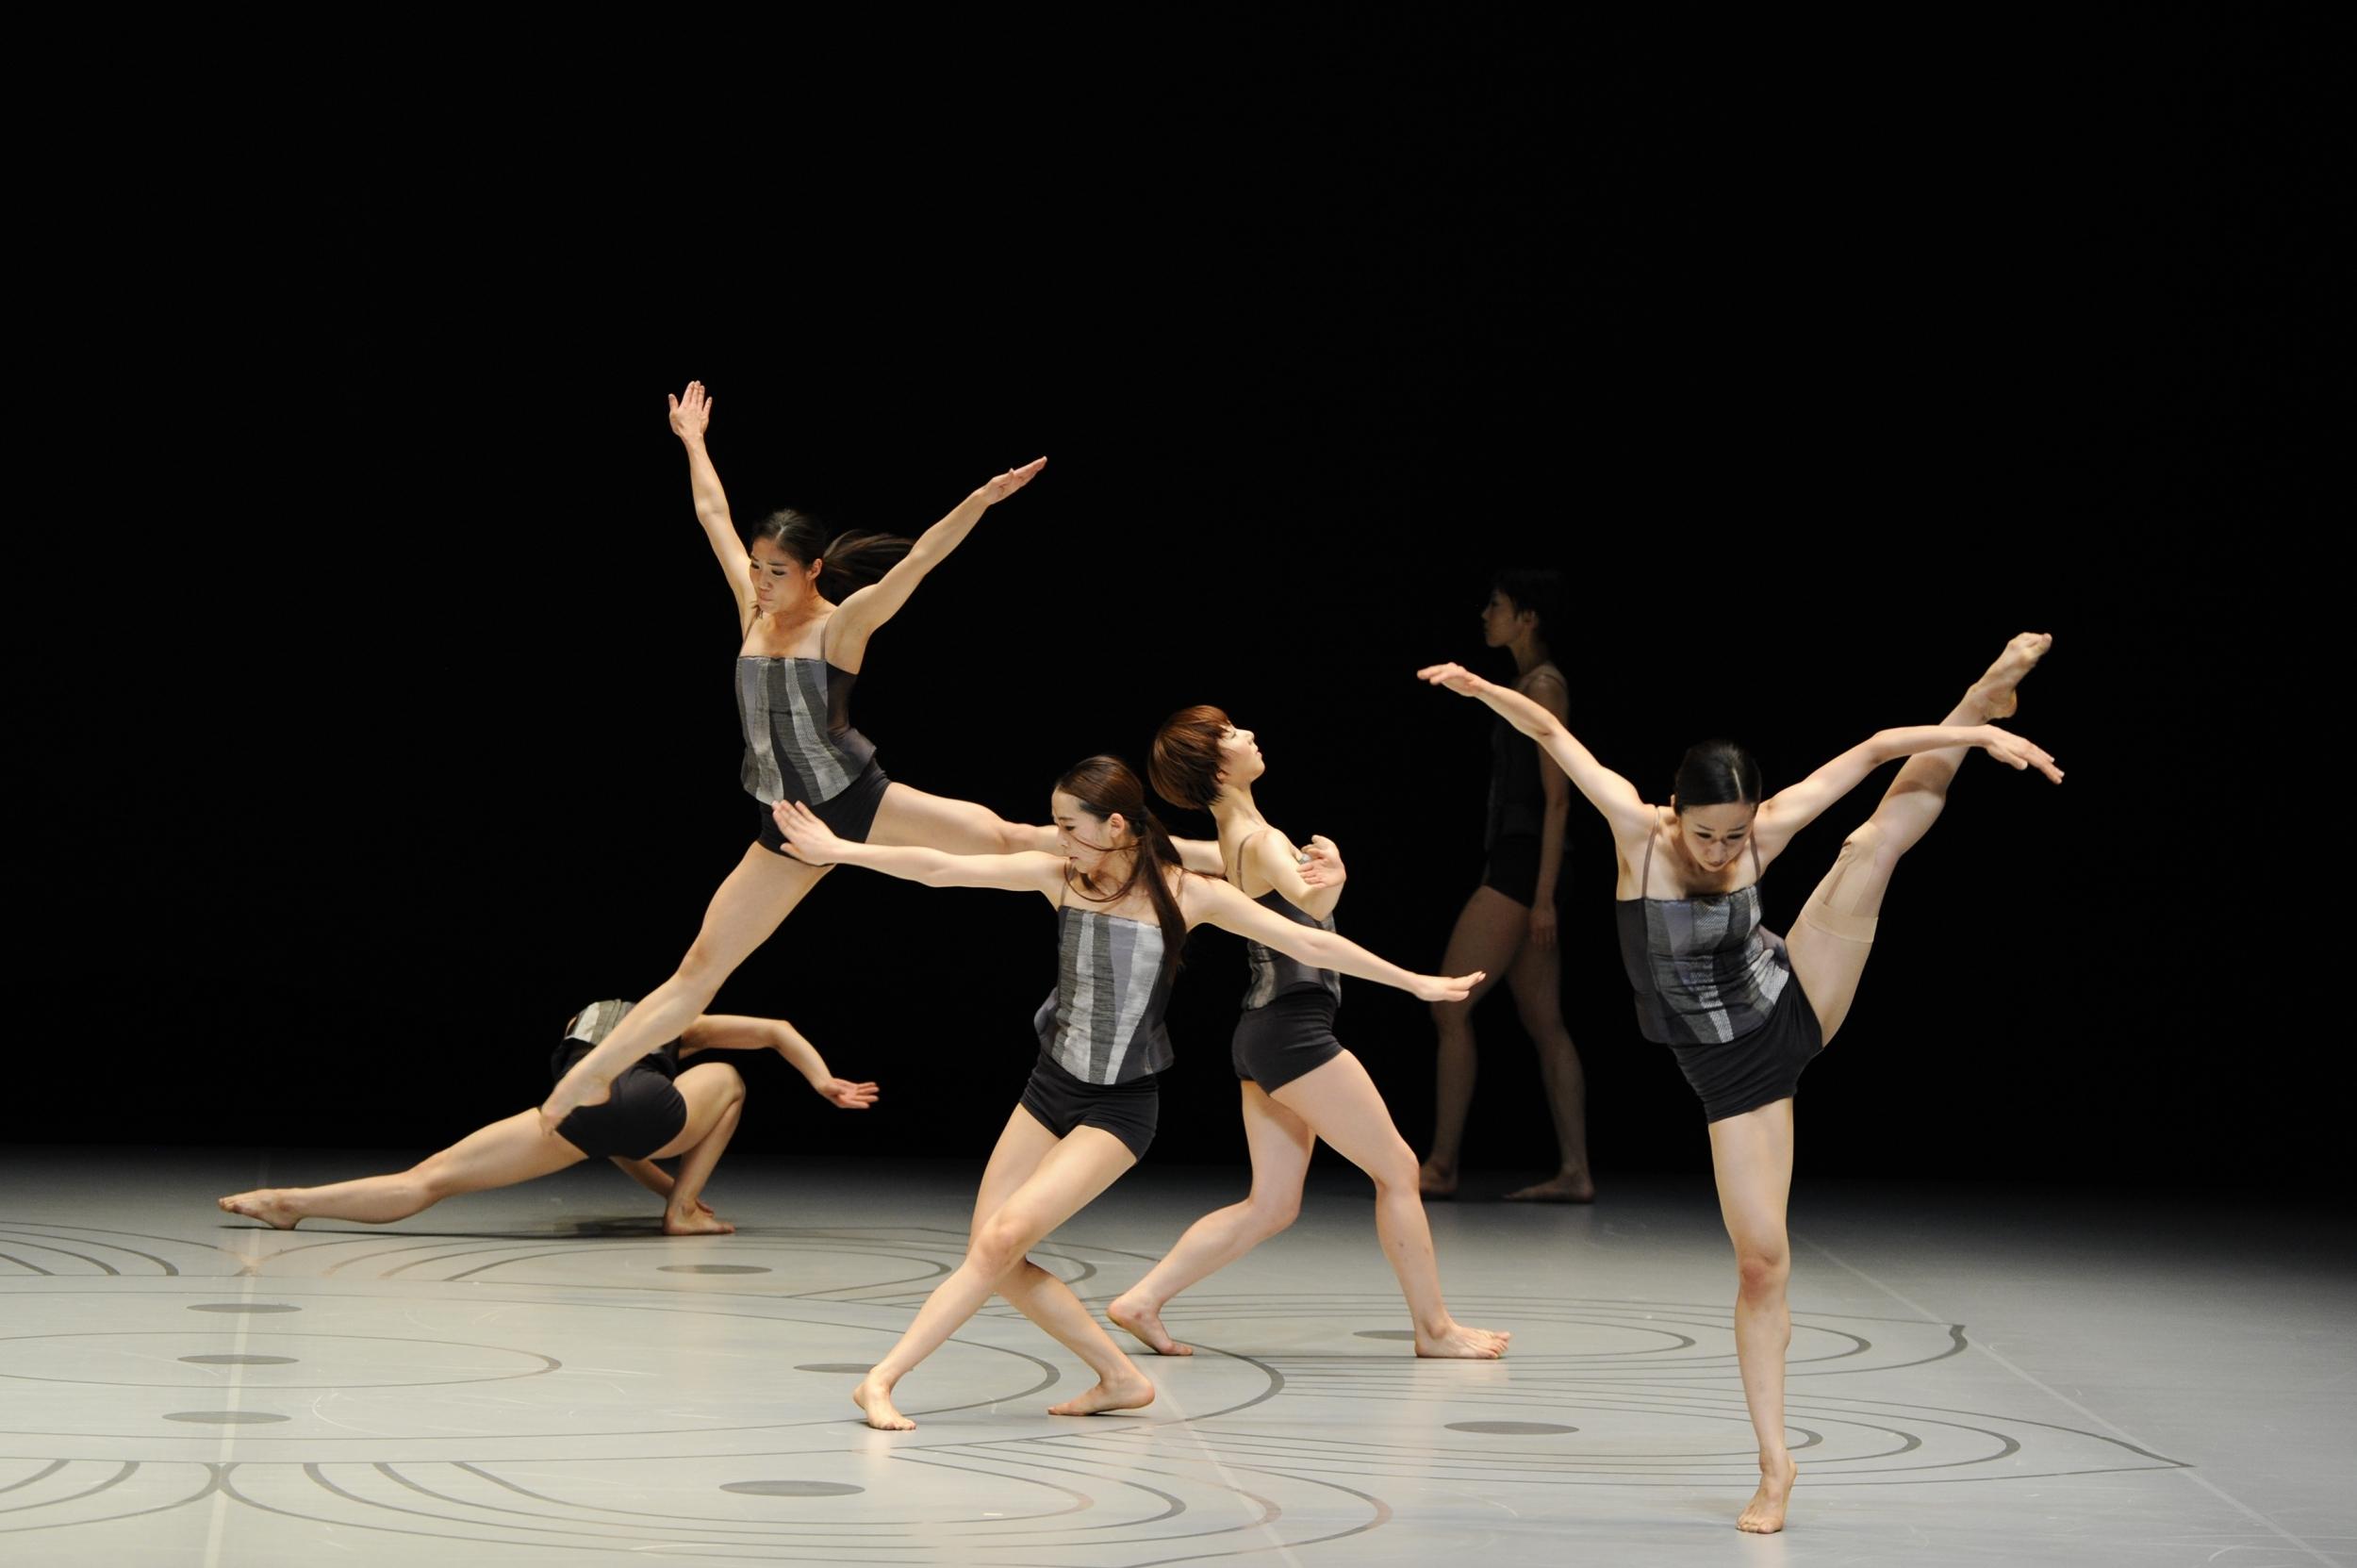 Korea National Contemporary Dance Company Will Perform HOSITAMTAM - Contemporary dance